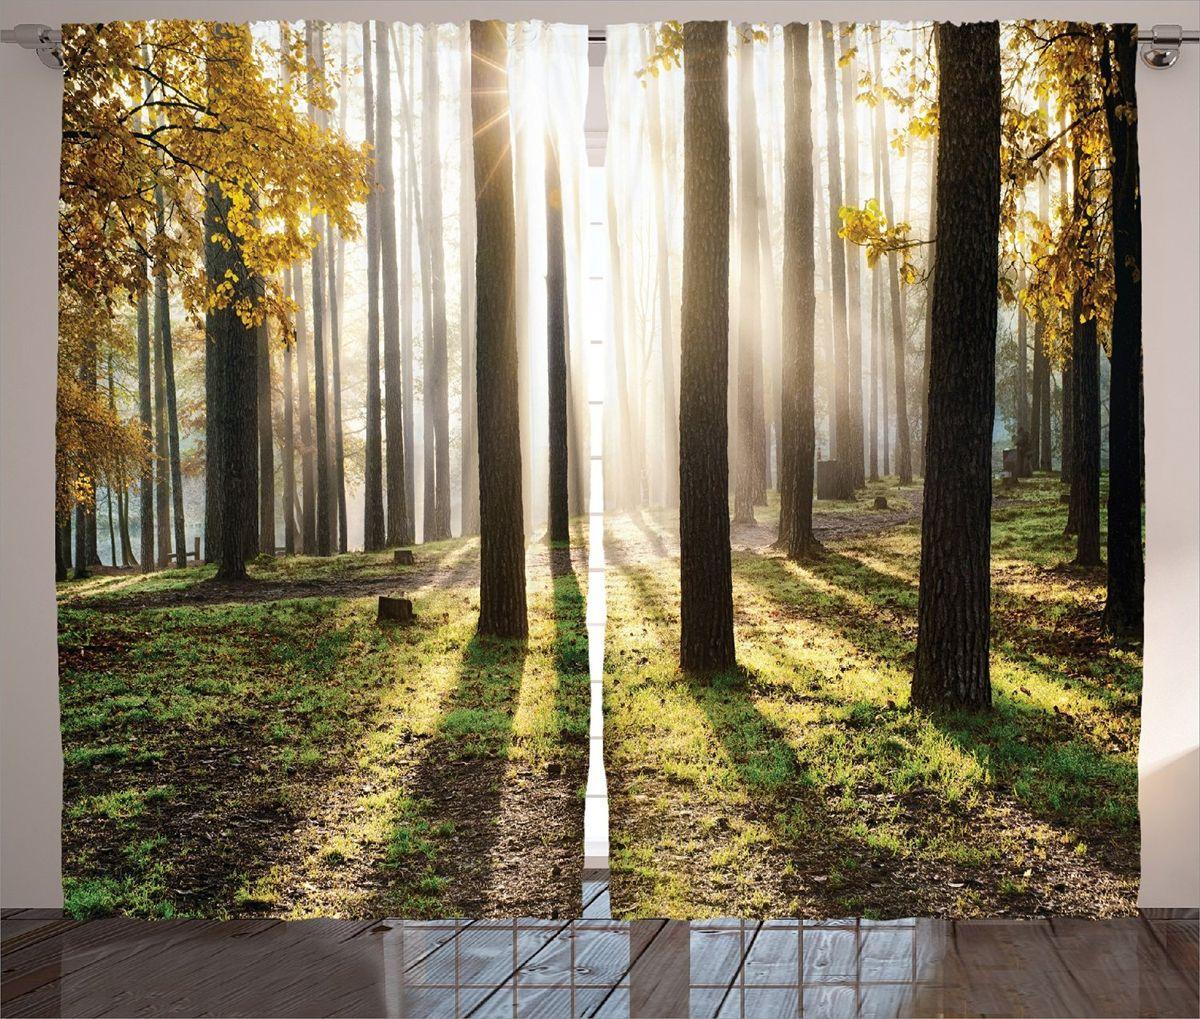 Комплект фотоштор Magic Lady Солнце в осеннем лесу, на ленте, высота 265 см. шсг_15217шсг_15217Роскошный комплект фотоштор Magic Lady Солнце в осеннем лесу, выполненный из высококачественного сатена (полиэстер 100%), великолепно украсит любое окно. При изготовлении используются специальные гипоаллергенные чернила. Комплект состоит из двух фотоштор и декорирован изящным рисунком. Оригинальный дизайн и цветовая гамма привлекут к себе внимание и органично впишутся в интерьер комнаты. Крепление на карниз при помощи шторной ленты на крючки.